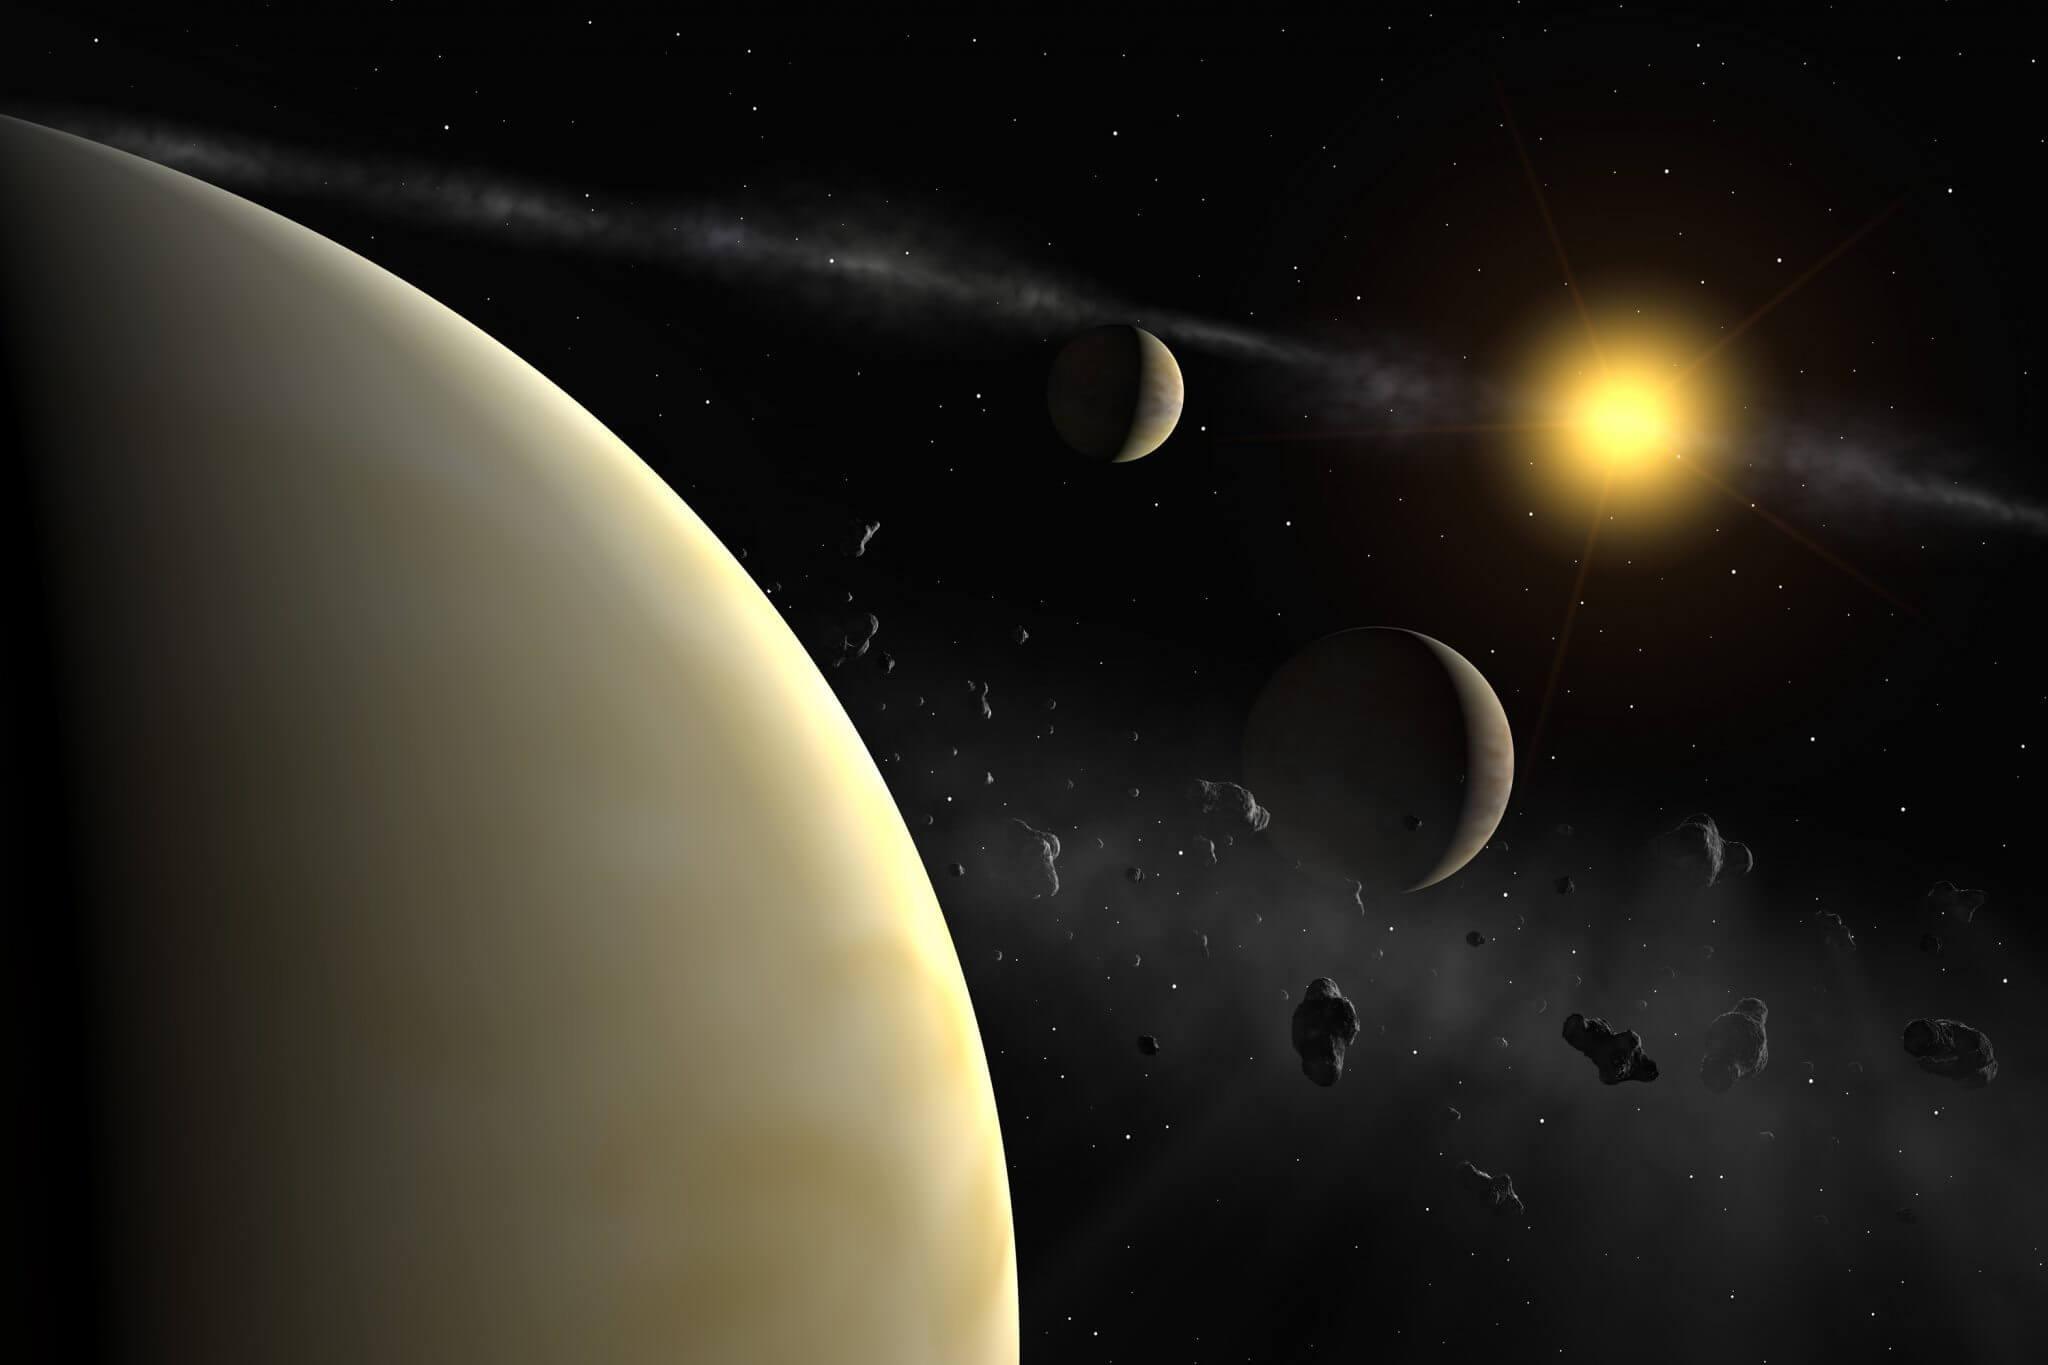 HD 131399Ab: Astrônomos descobrem planeta com 3 sóis